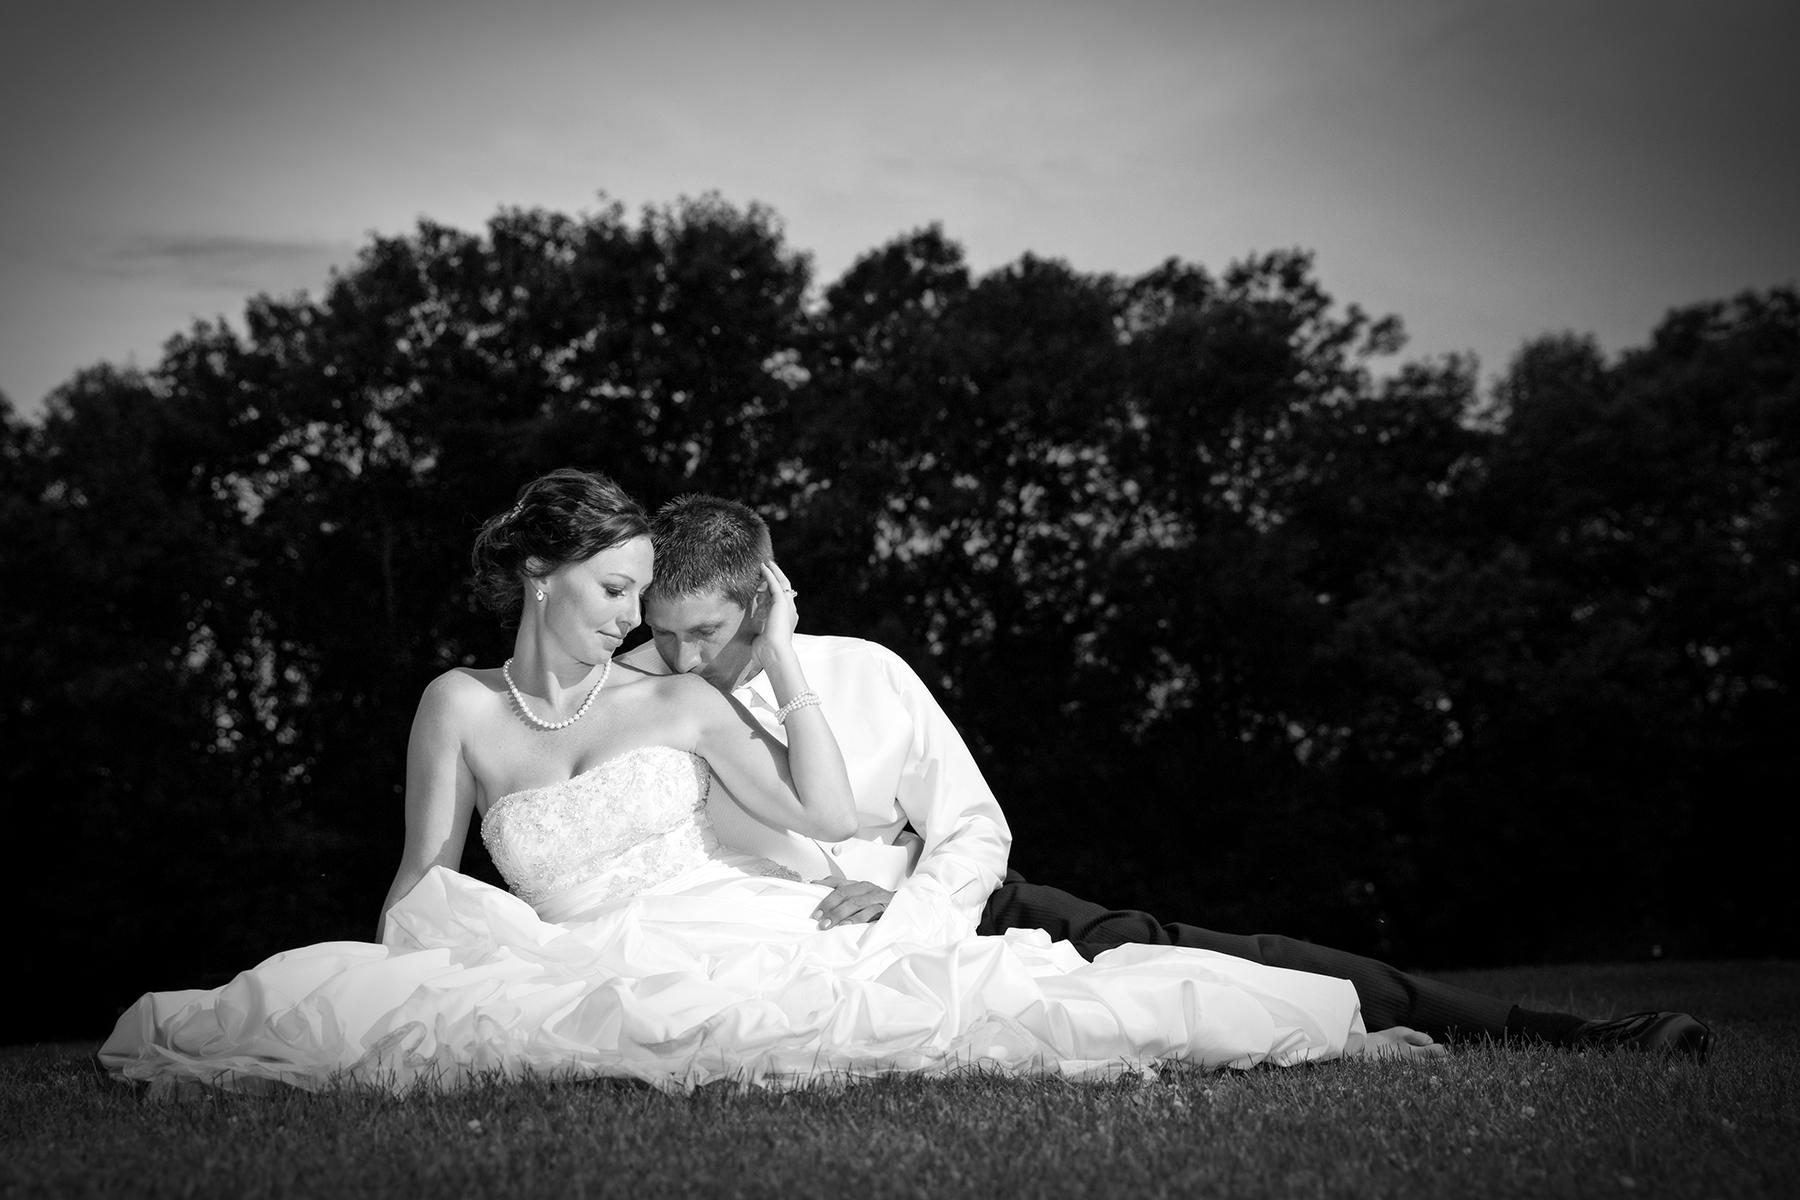 After dark wedding photo